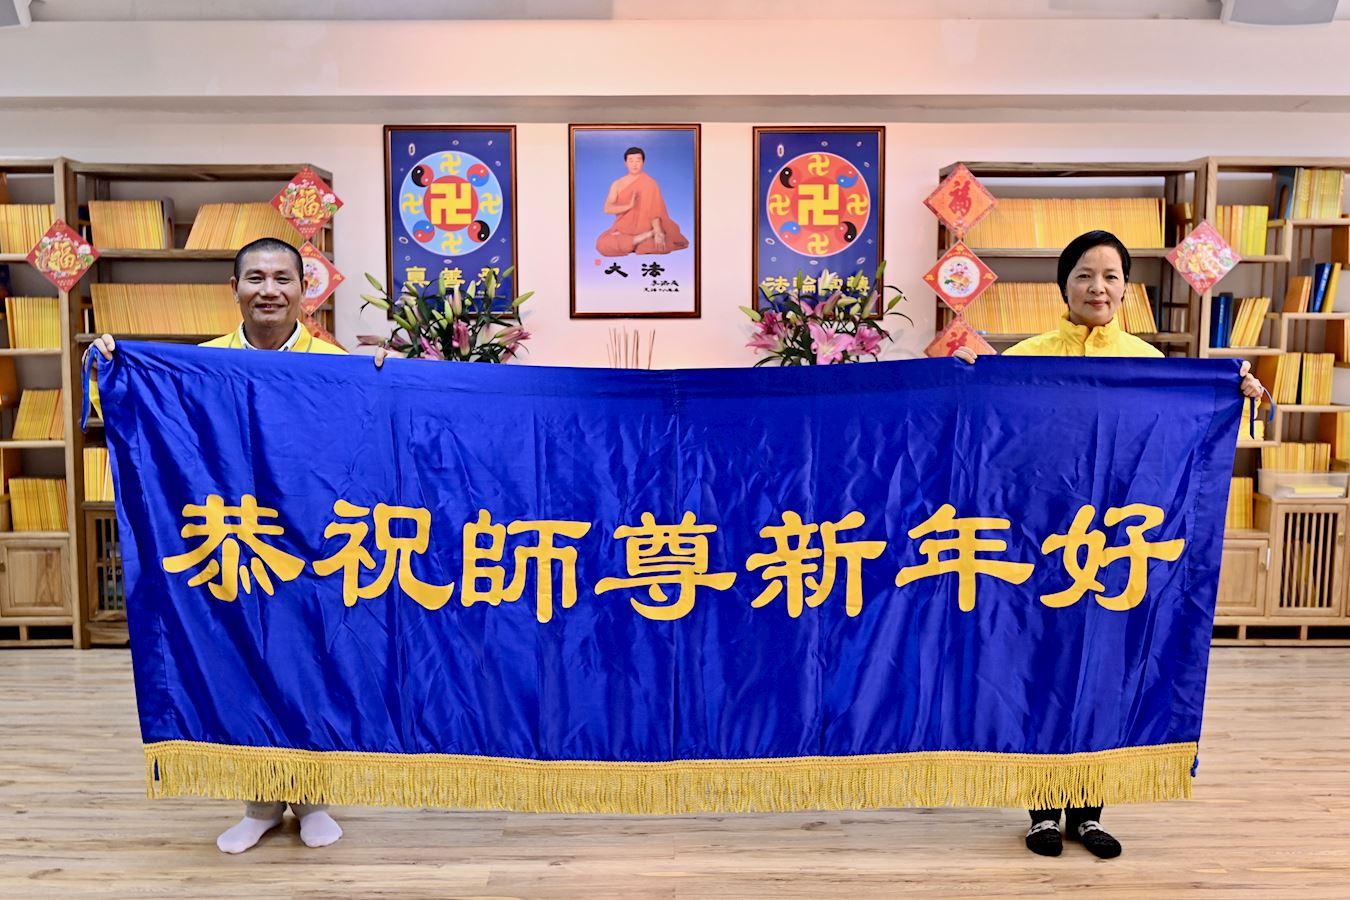 图1:香港法轮功学员向师尊拜年,感恩师父广传法轮大法,慈悲救度众生。